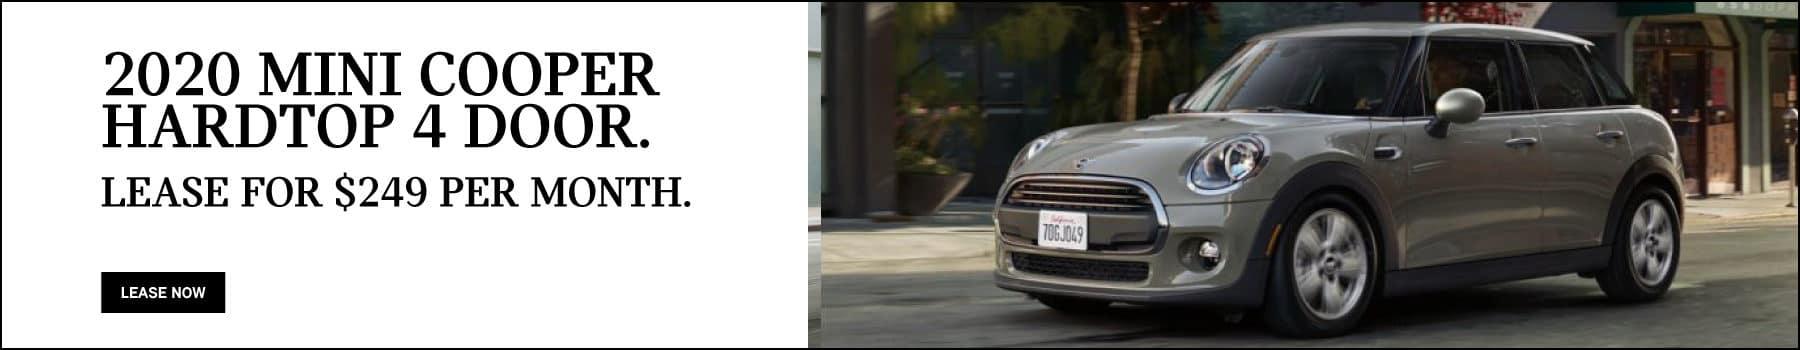 2020 MINI Cooper Hardtop 4 Door Lease: $249/MO for 36 months